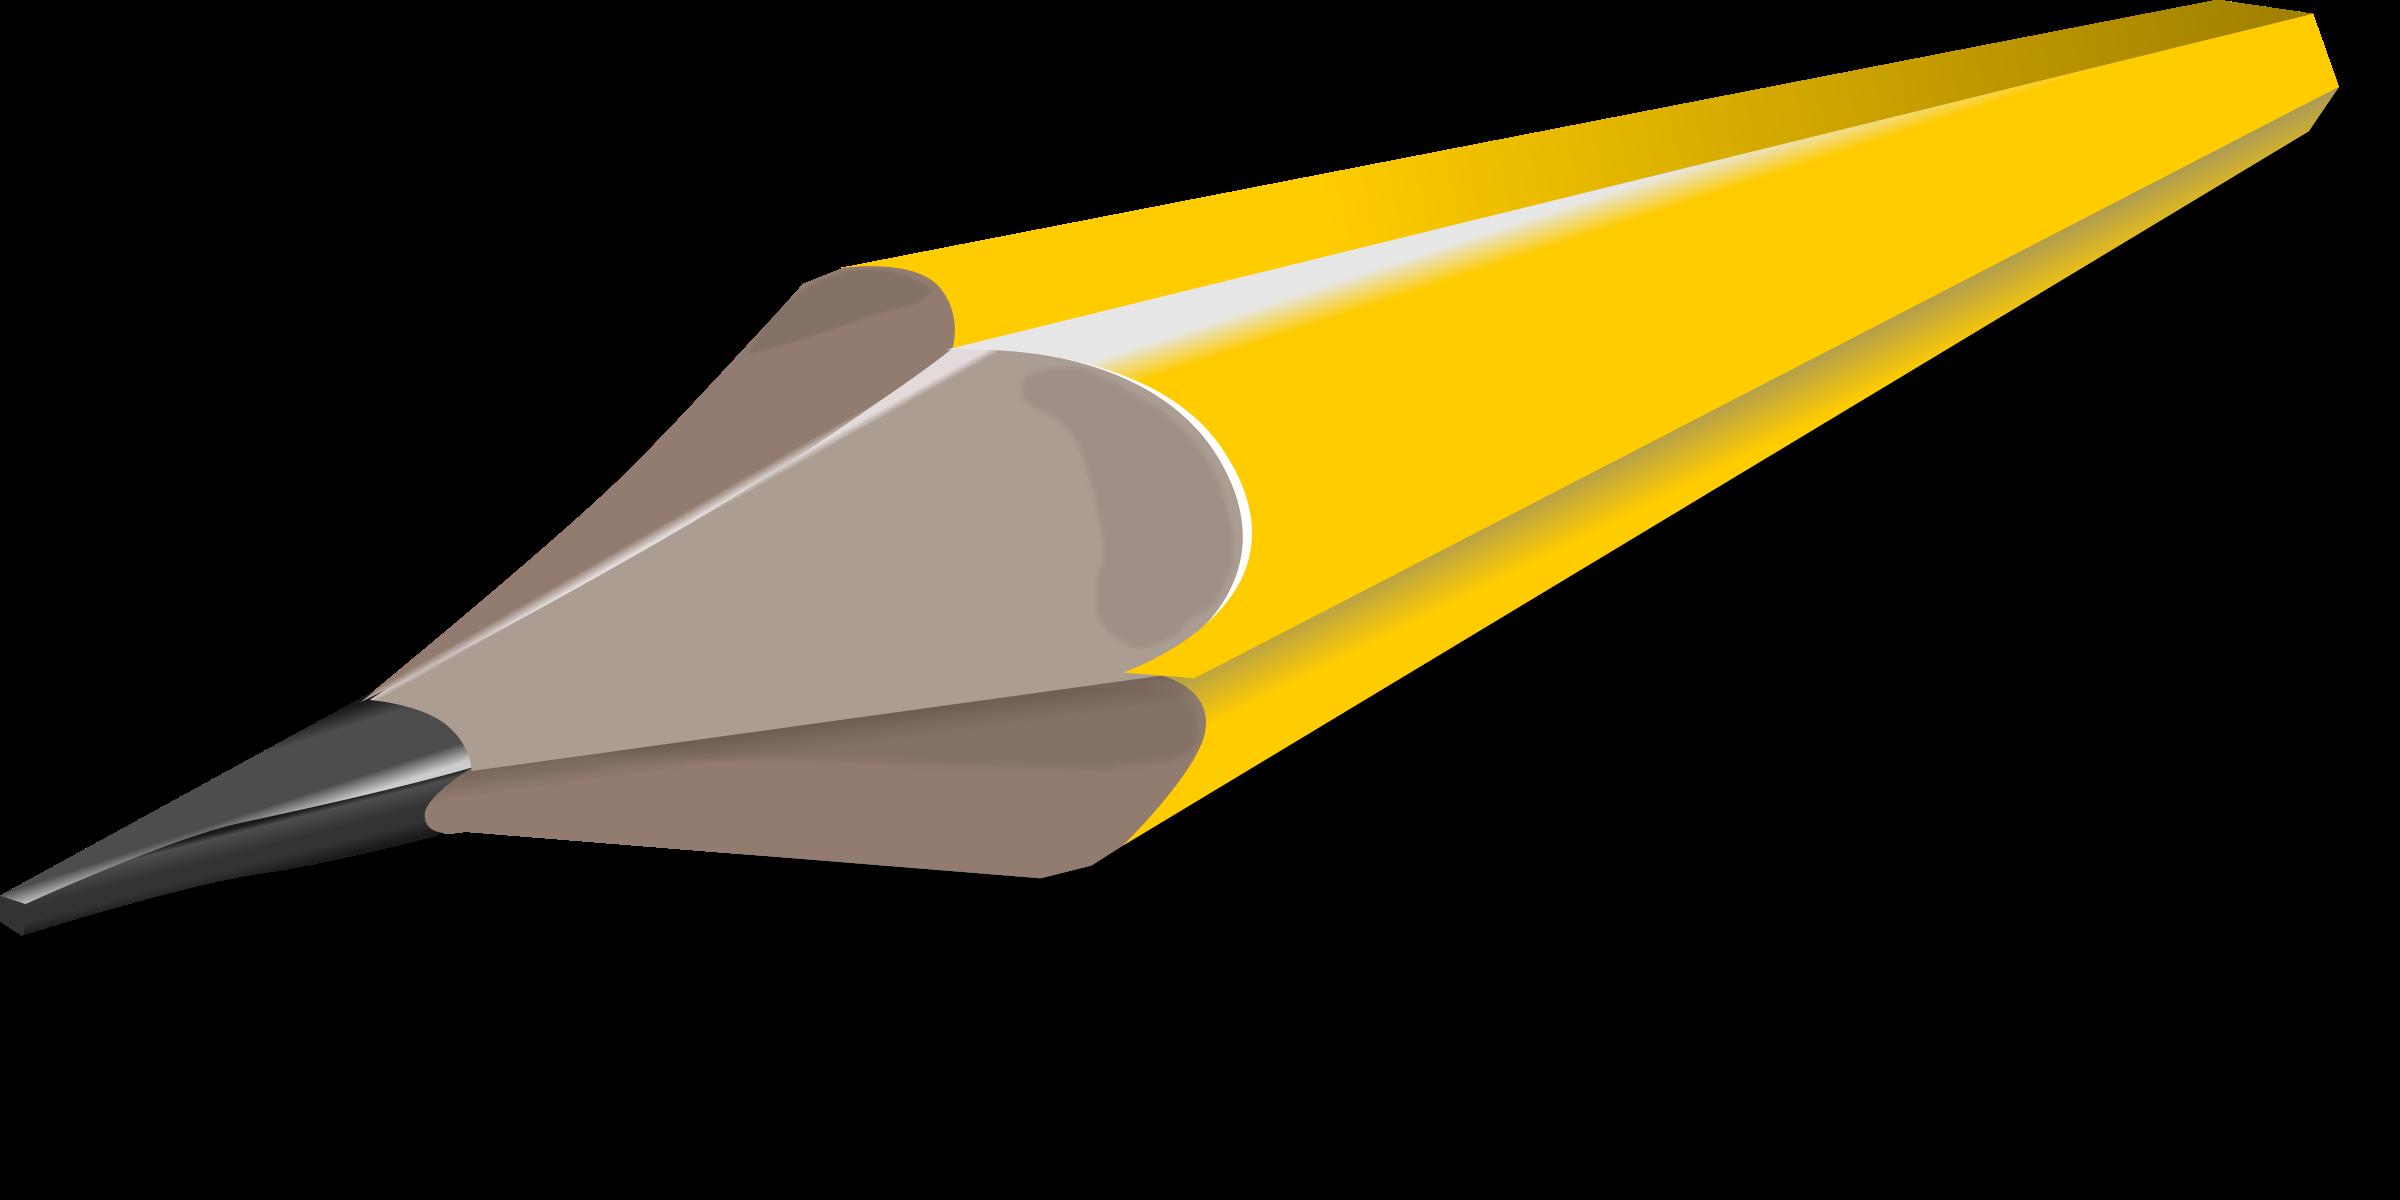 2400x1200 Pencil Clipart Sharp Pencil